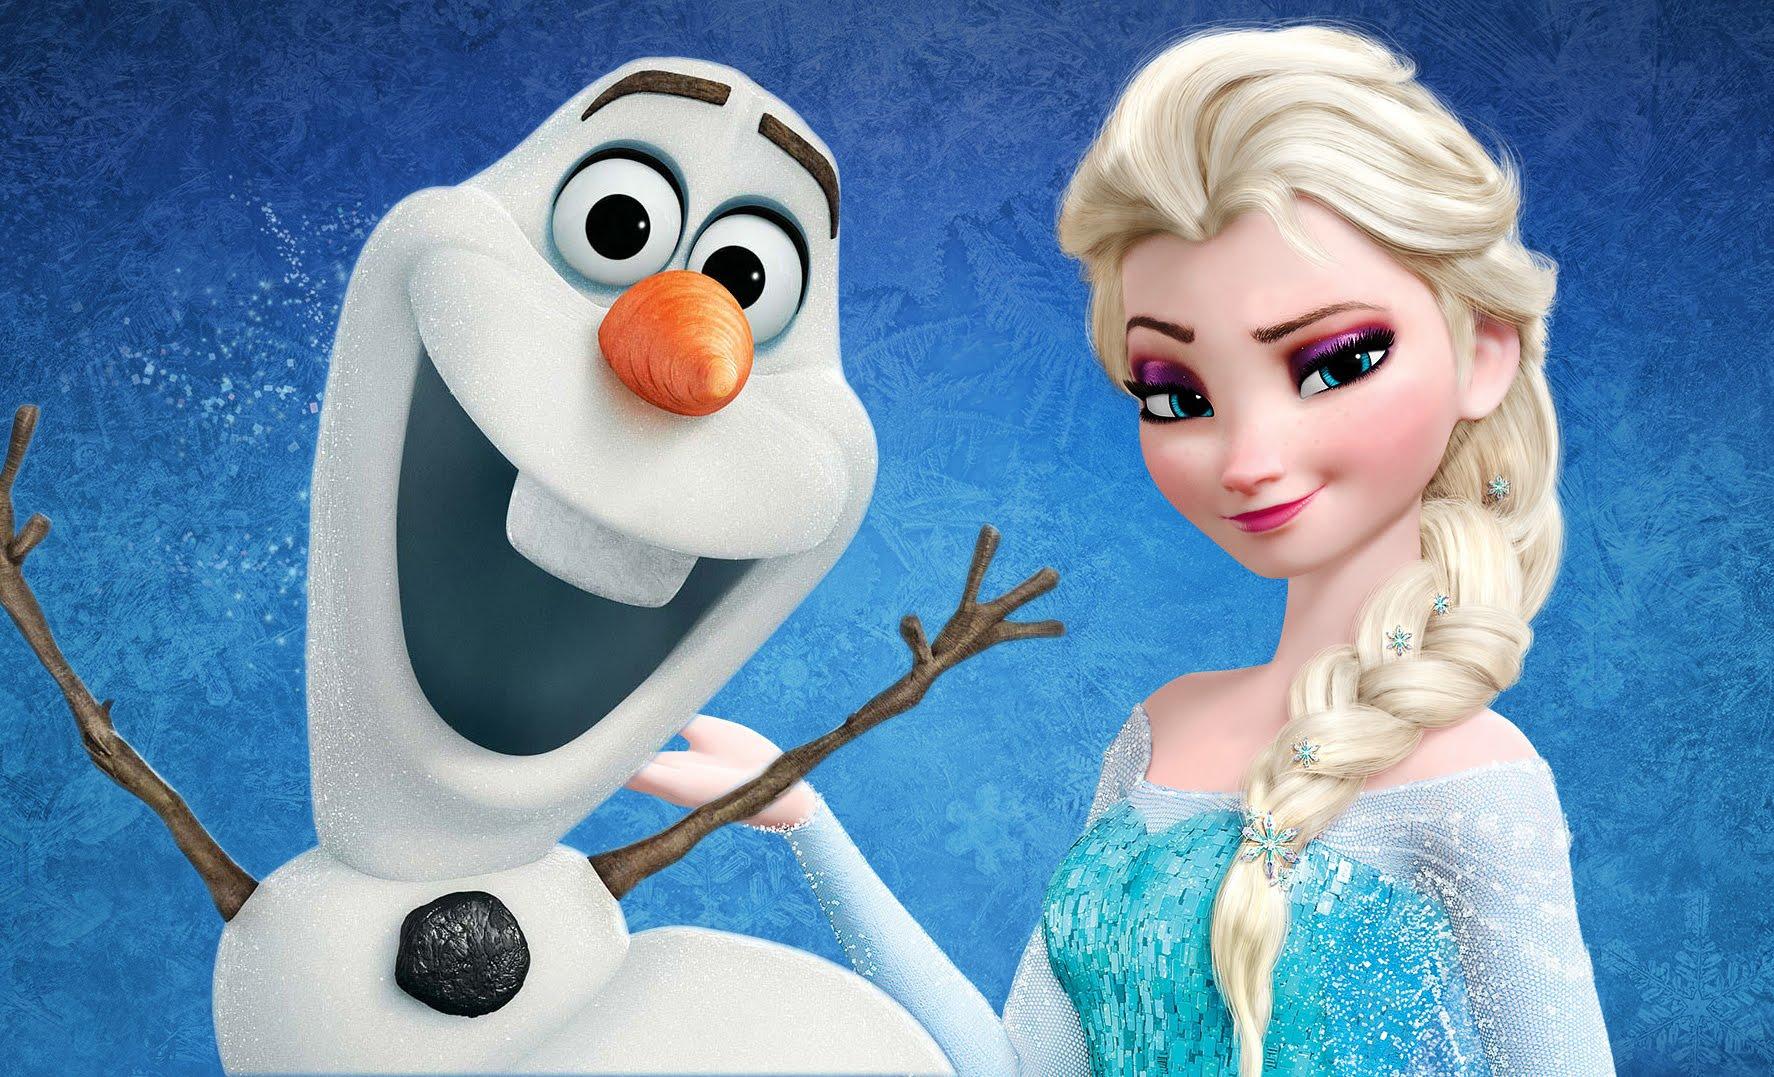 персонажи ледяного сердца в картинках представленные здесь